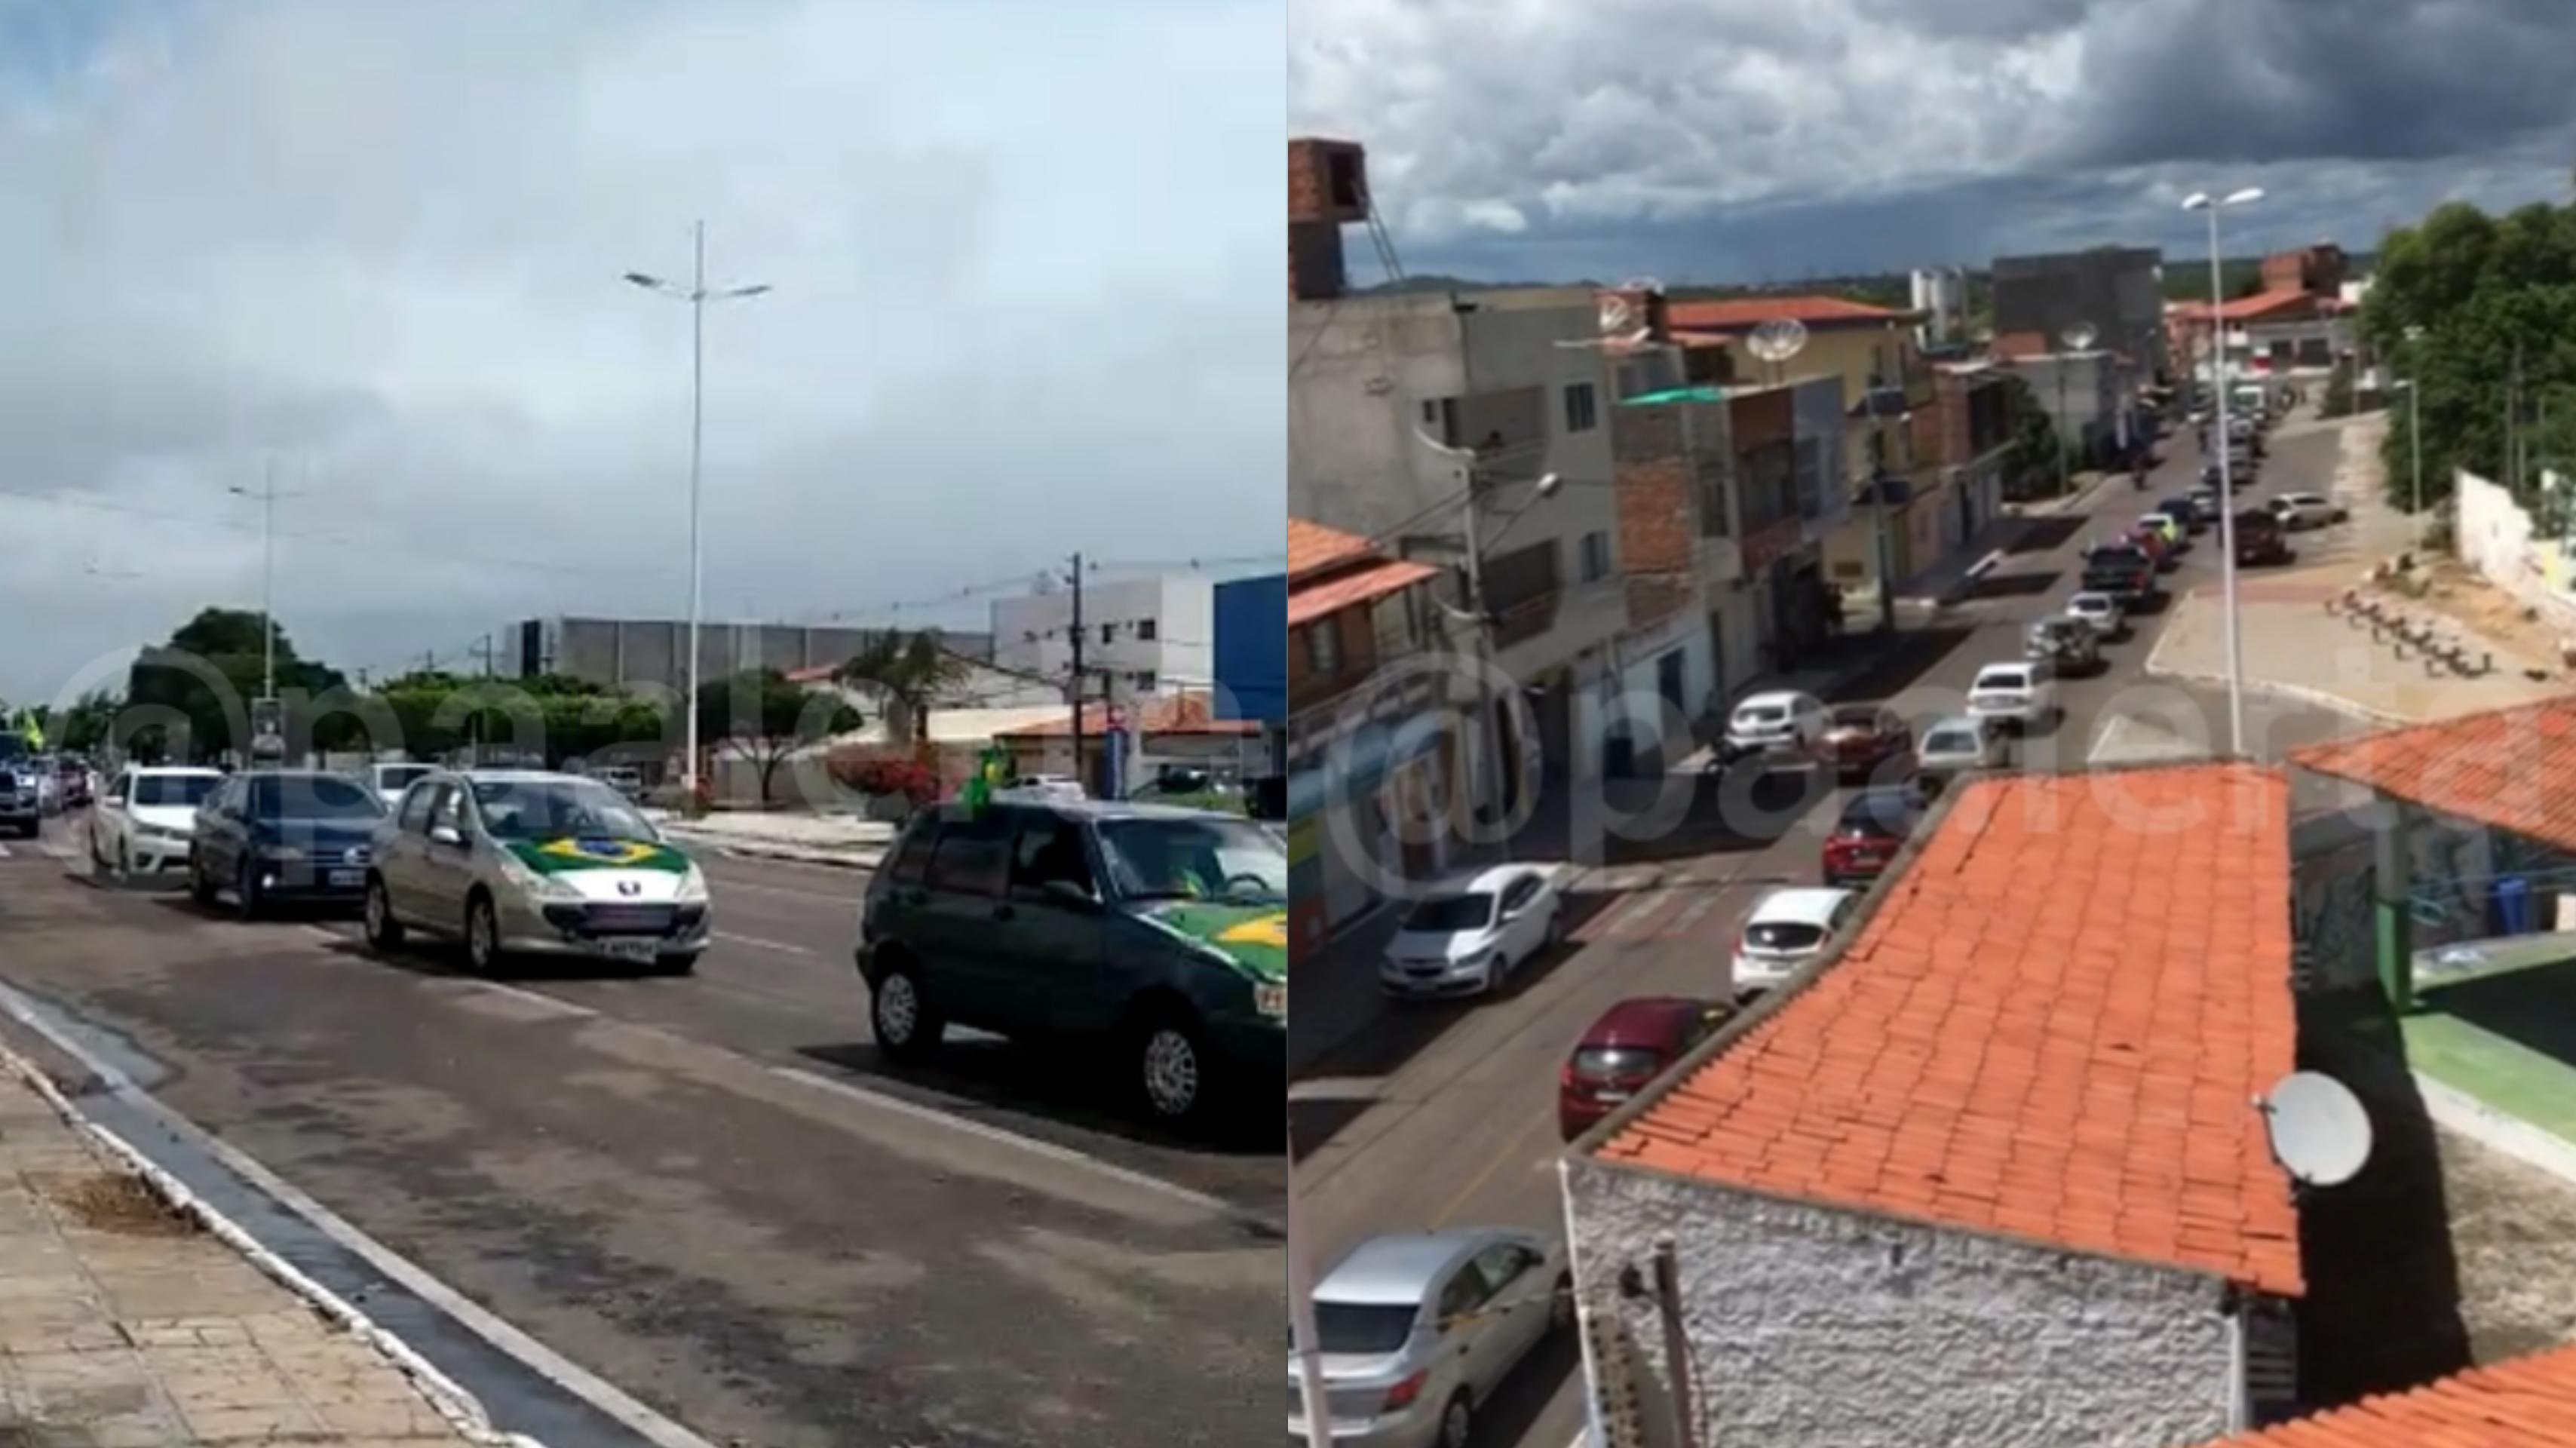 Apoiadores de Bolsonaro promovem manifestações em Paulo Afonso e em diversos Estados